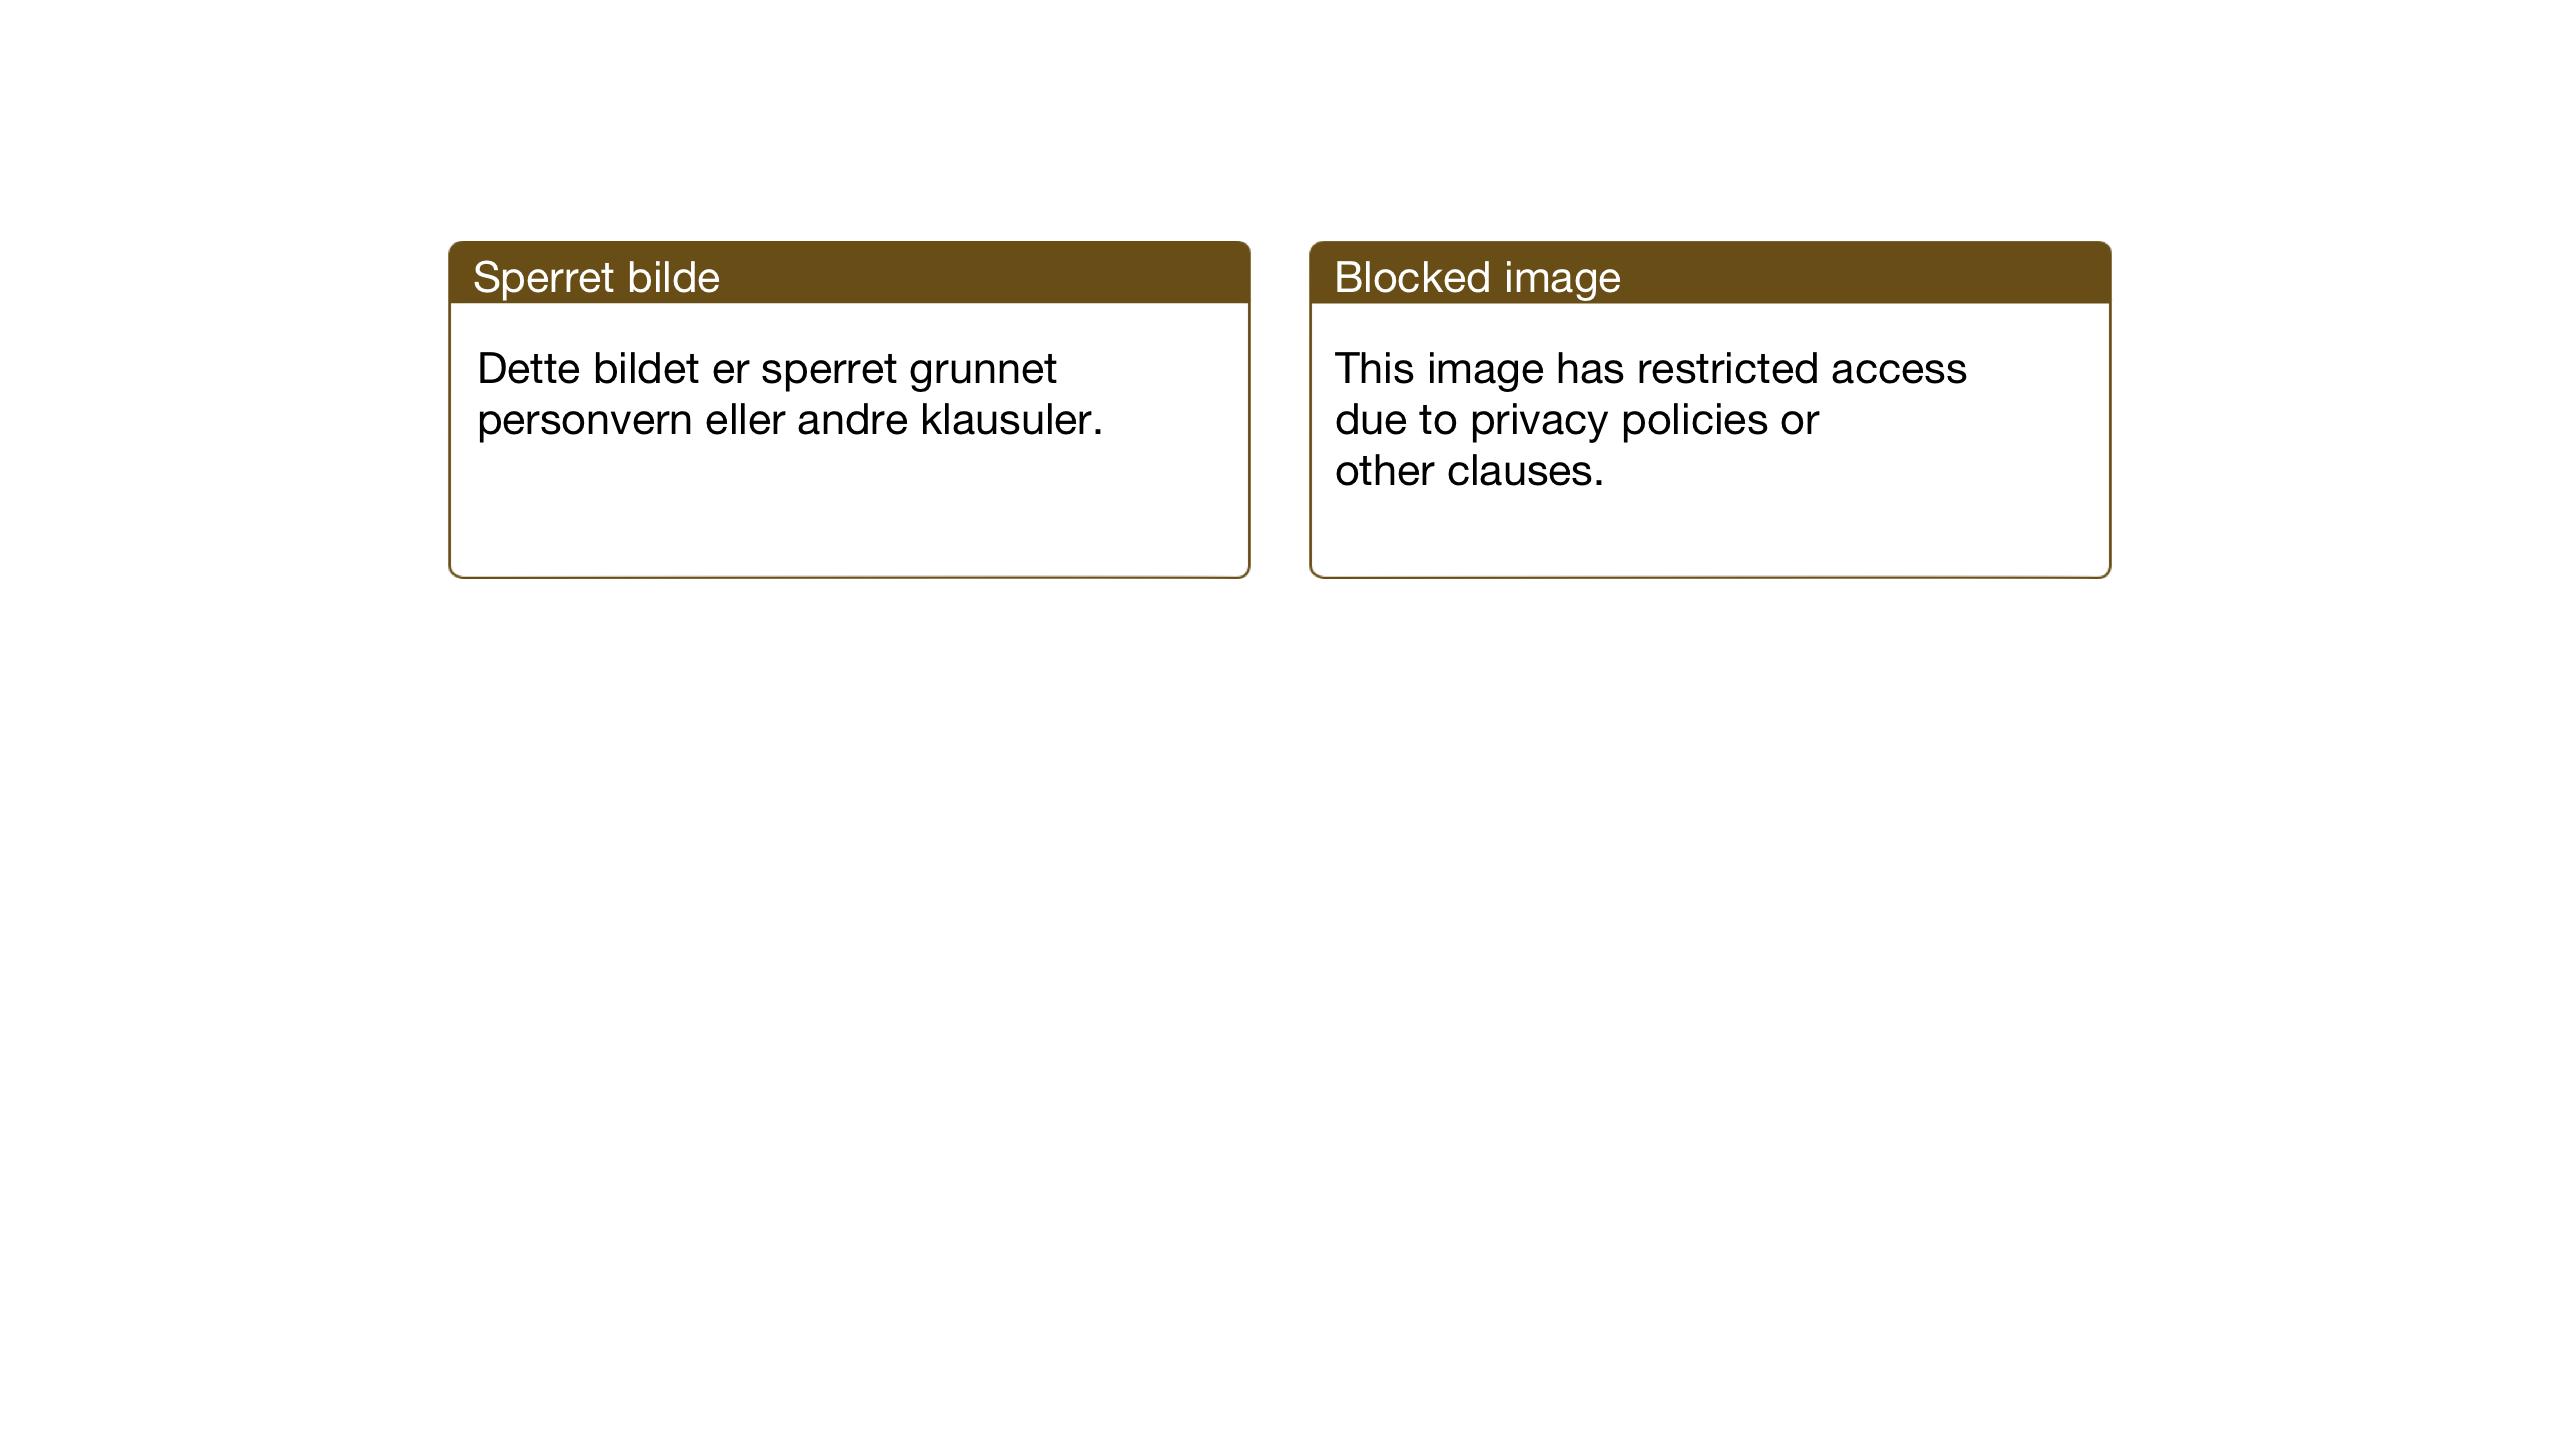 SAT, Ministerialprotokoller, klokkerbøker og fødselsregistre - Sør-Trøndelag, 637/L0564: Klokkerbok nr. 637C05, 1928-1968, s. 9